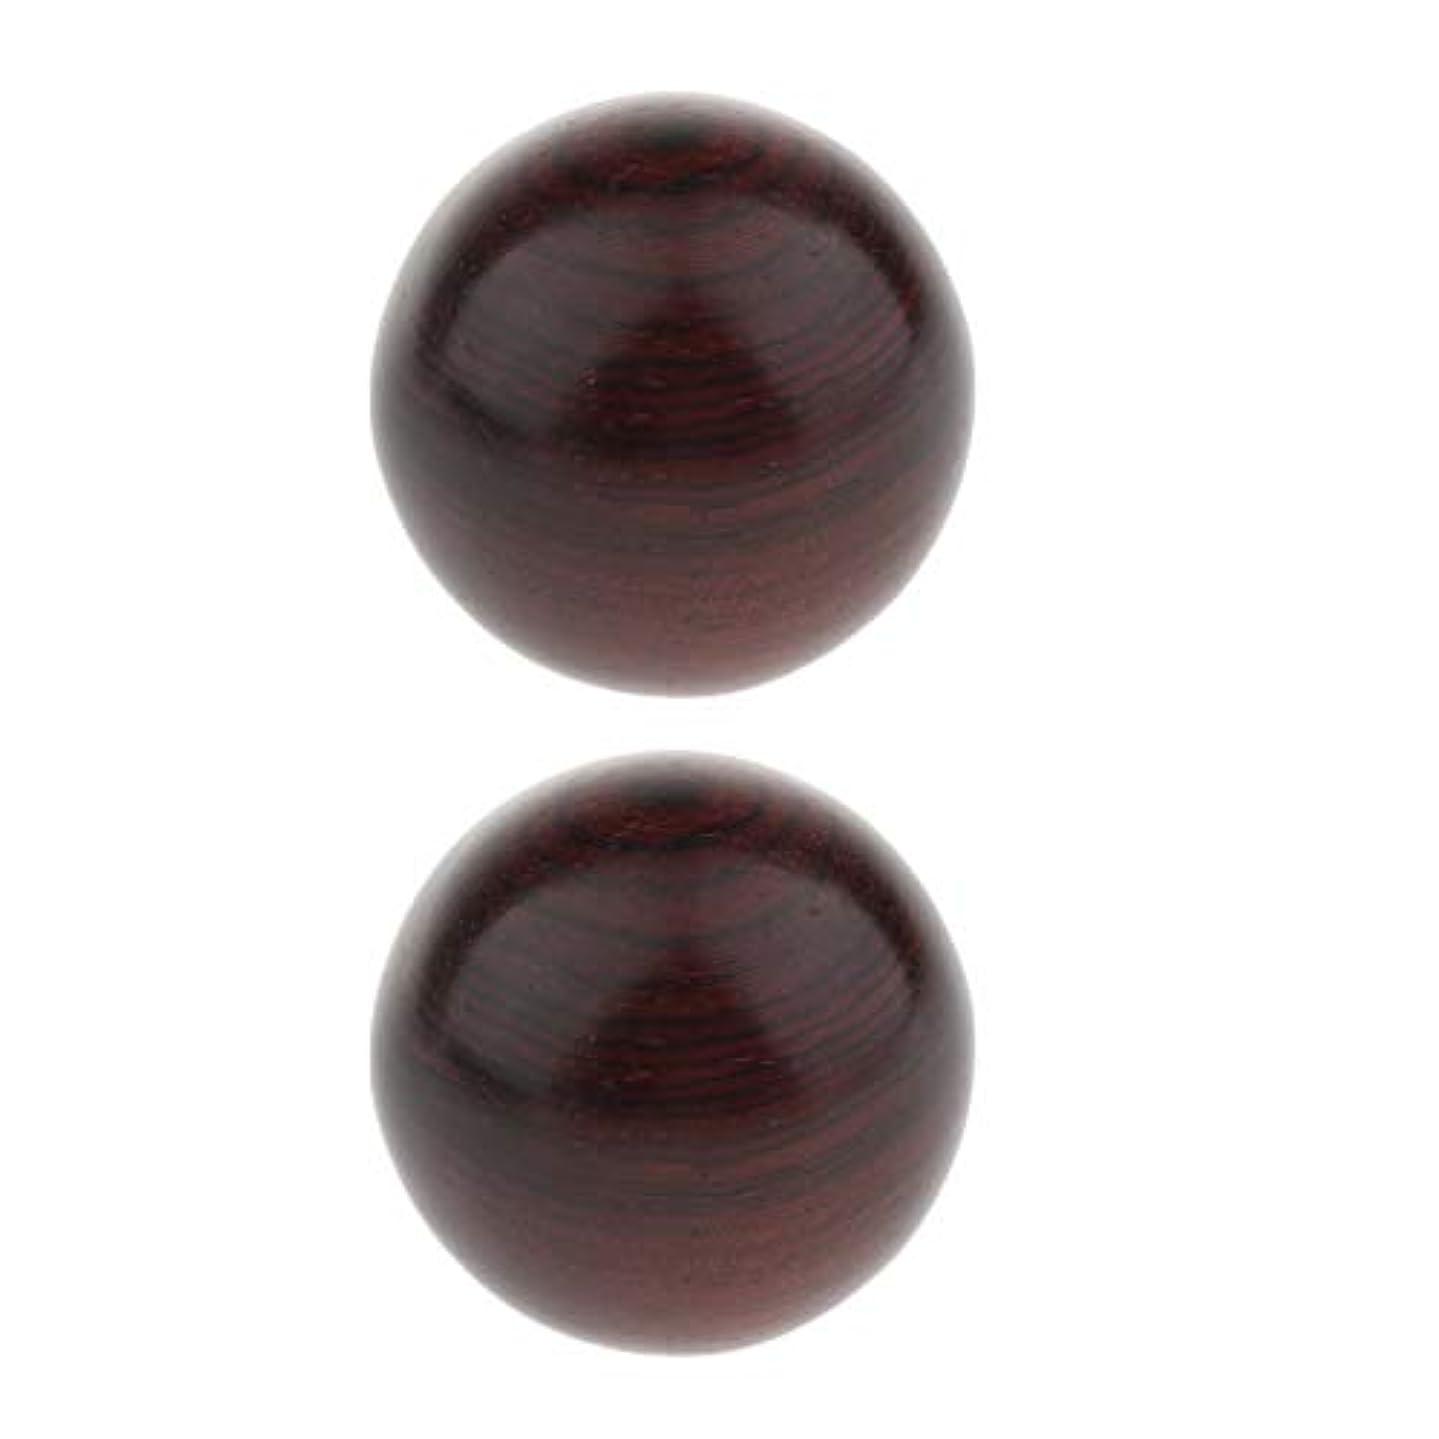 豊かな提供する遅れD DOLITY 2個入 木製マッサージボール リラックス ユニセックス 3サイズ選べ - 説明のとおり, 4.5cm